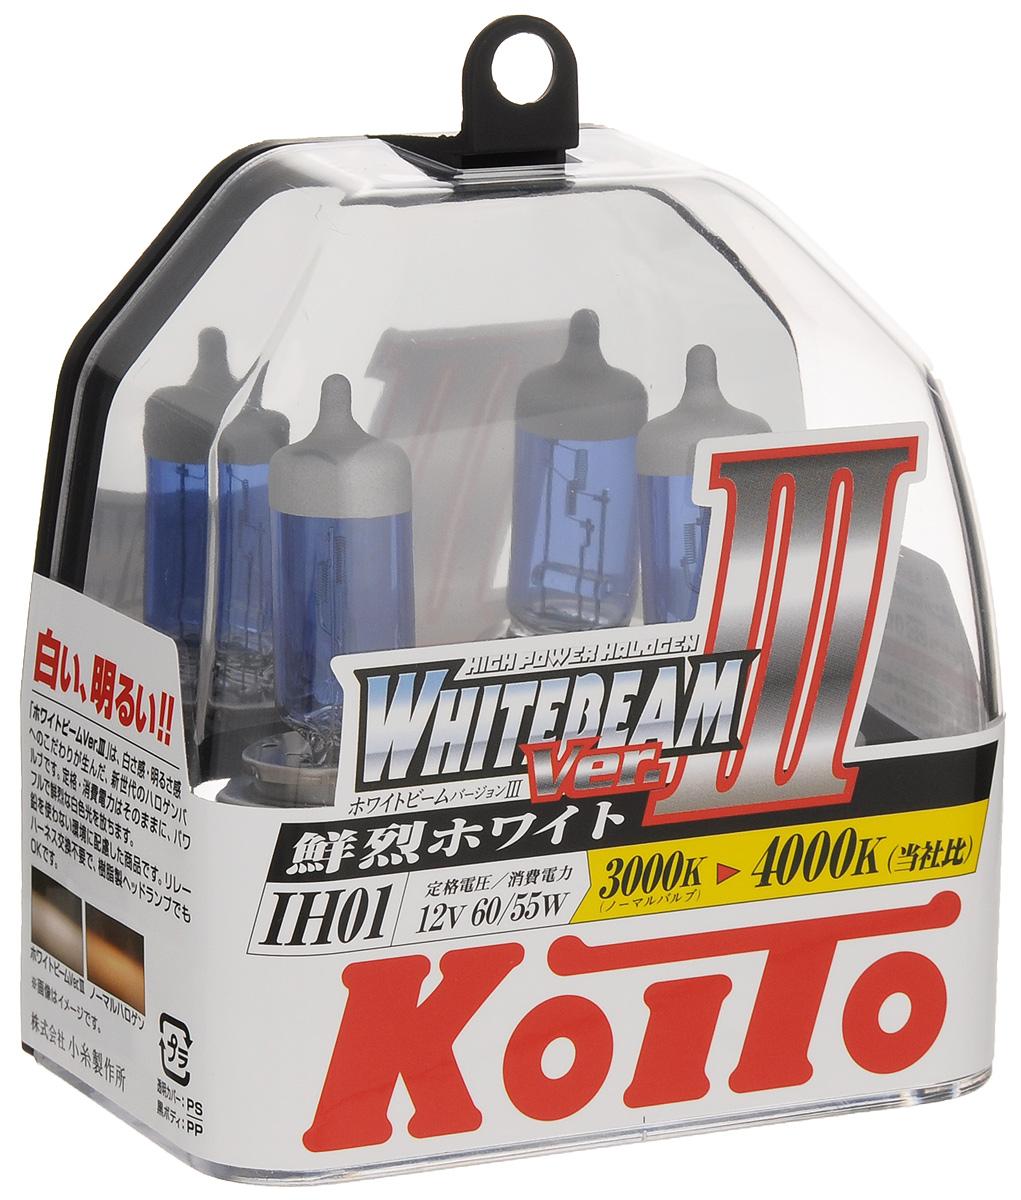 Лампа высокотемпературная Koito Whitebeam IH01 12V 60/55W (100/90W) пластиковая упаковка - 2 шт комплект P0745W